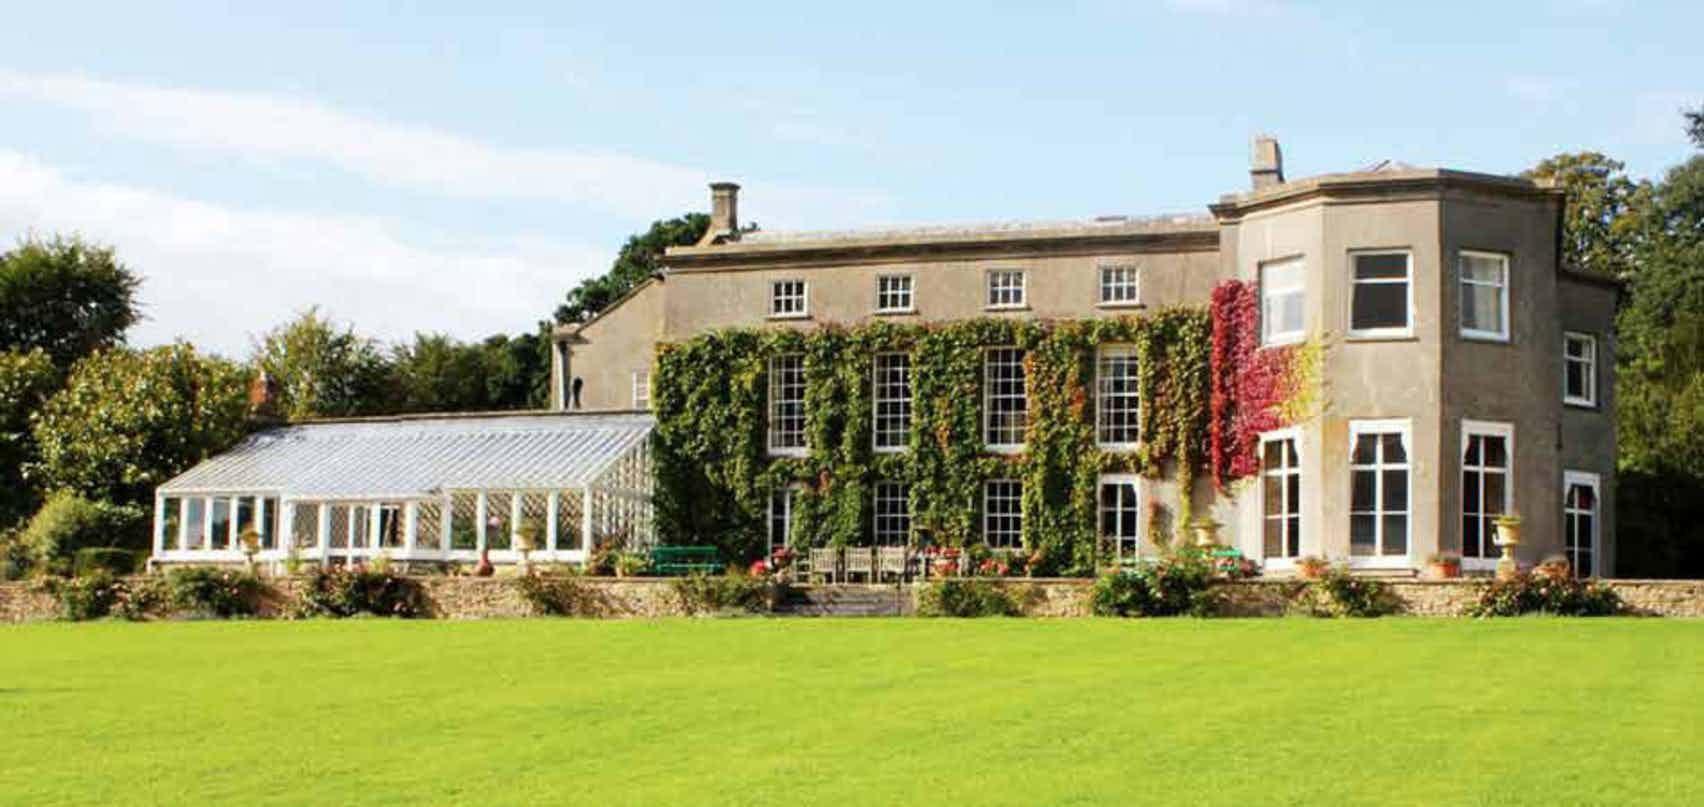 Pennard House, Coach House and Garden, Pennard House, Somerset